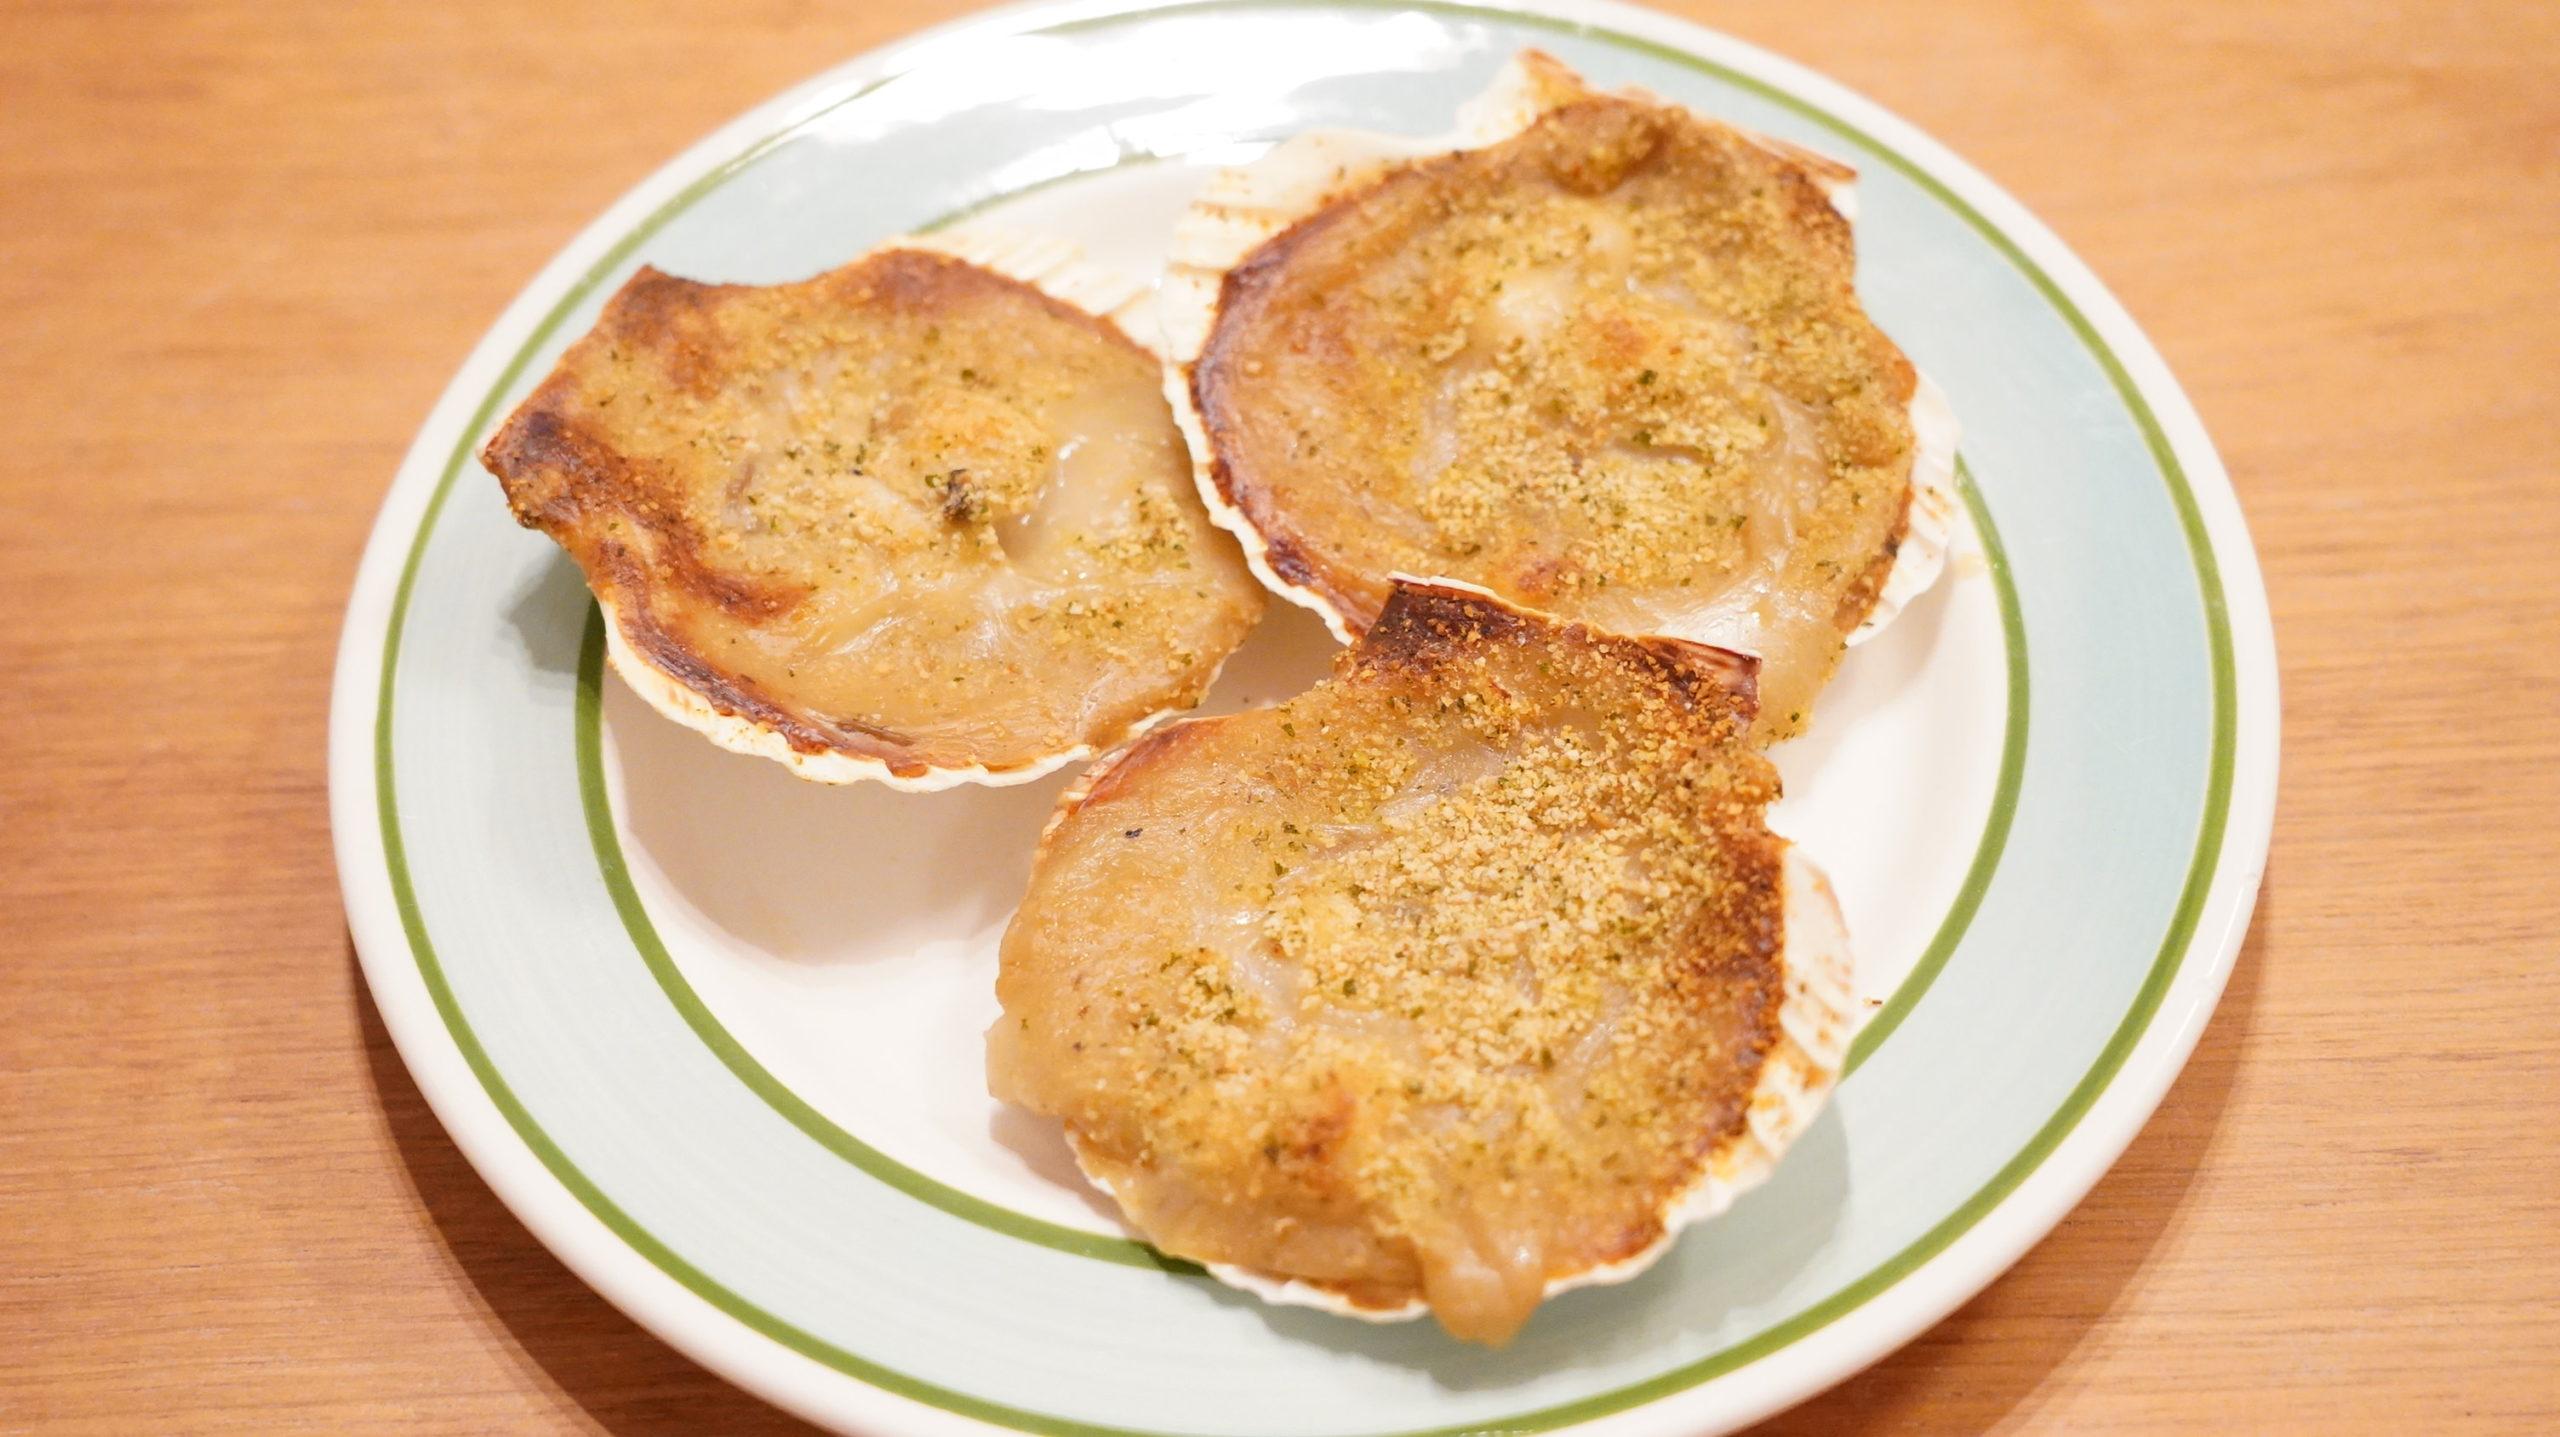 ピカールの冷凍食品「サンジャックのオーブン焼き・ノルマンディ―風」を皿に盛り付けた写真